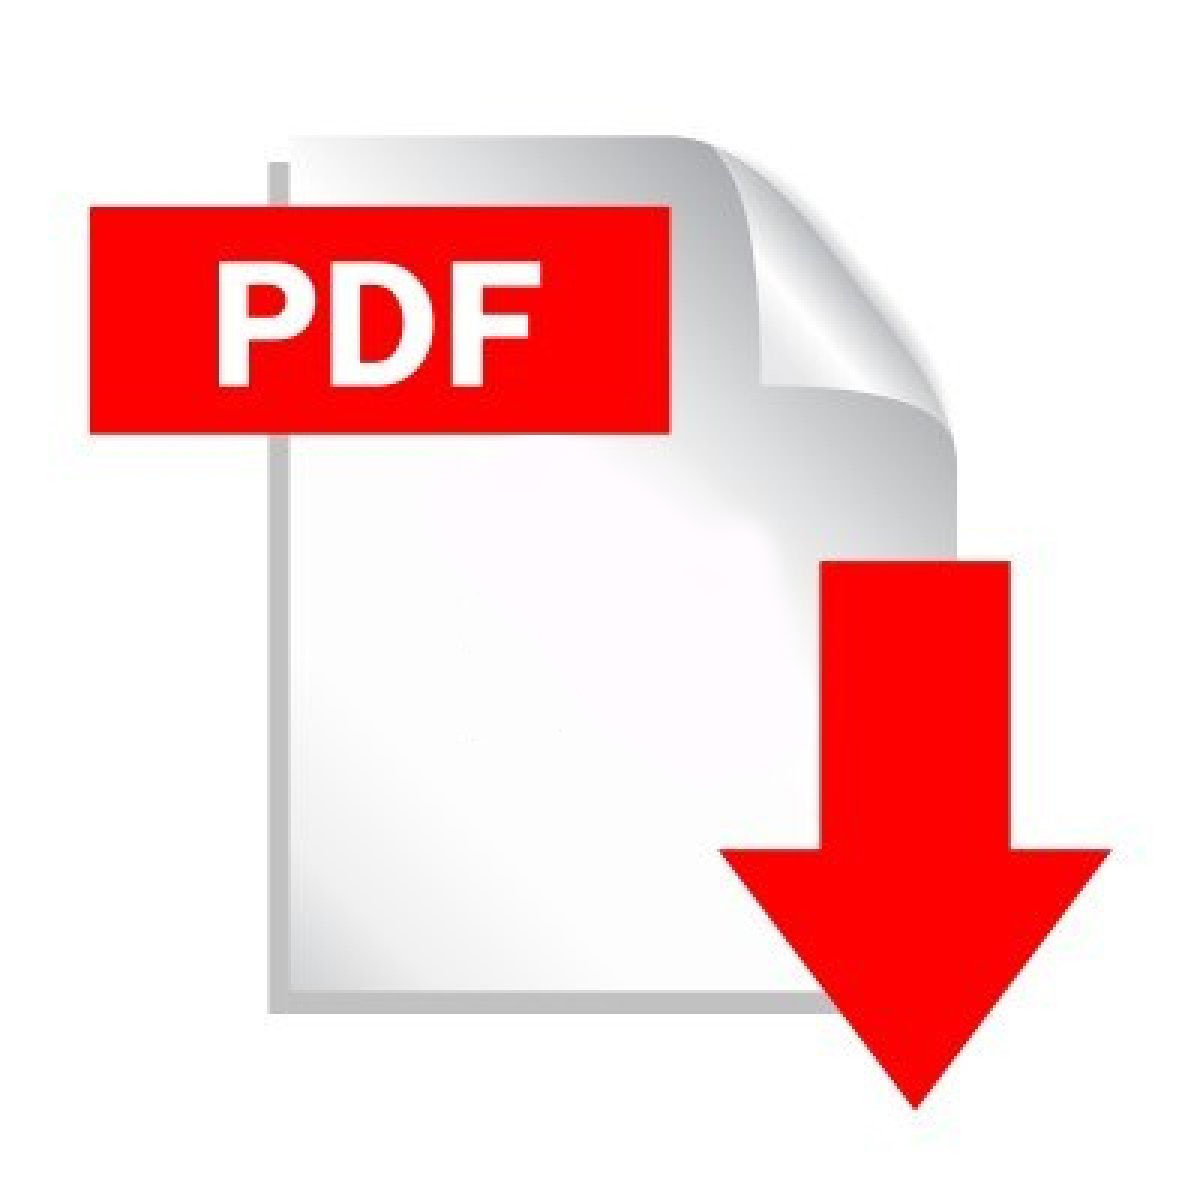 Resultado de imagen para ICONO PDF JPG